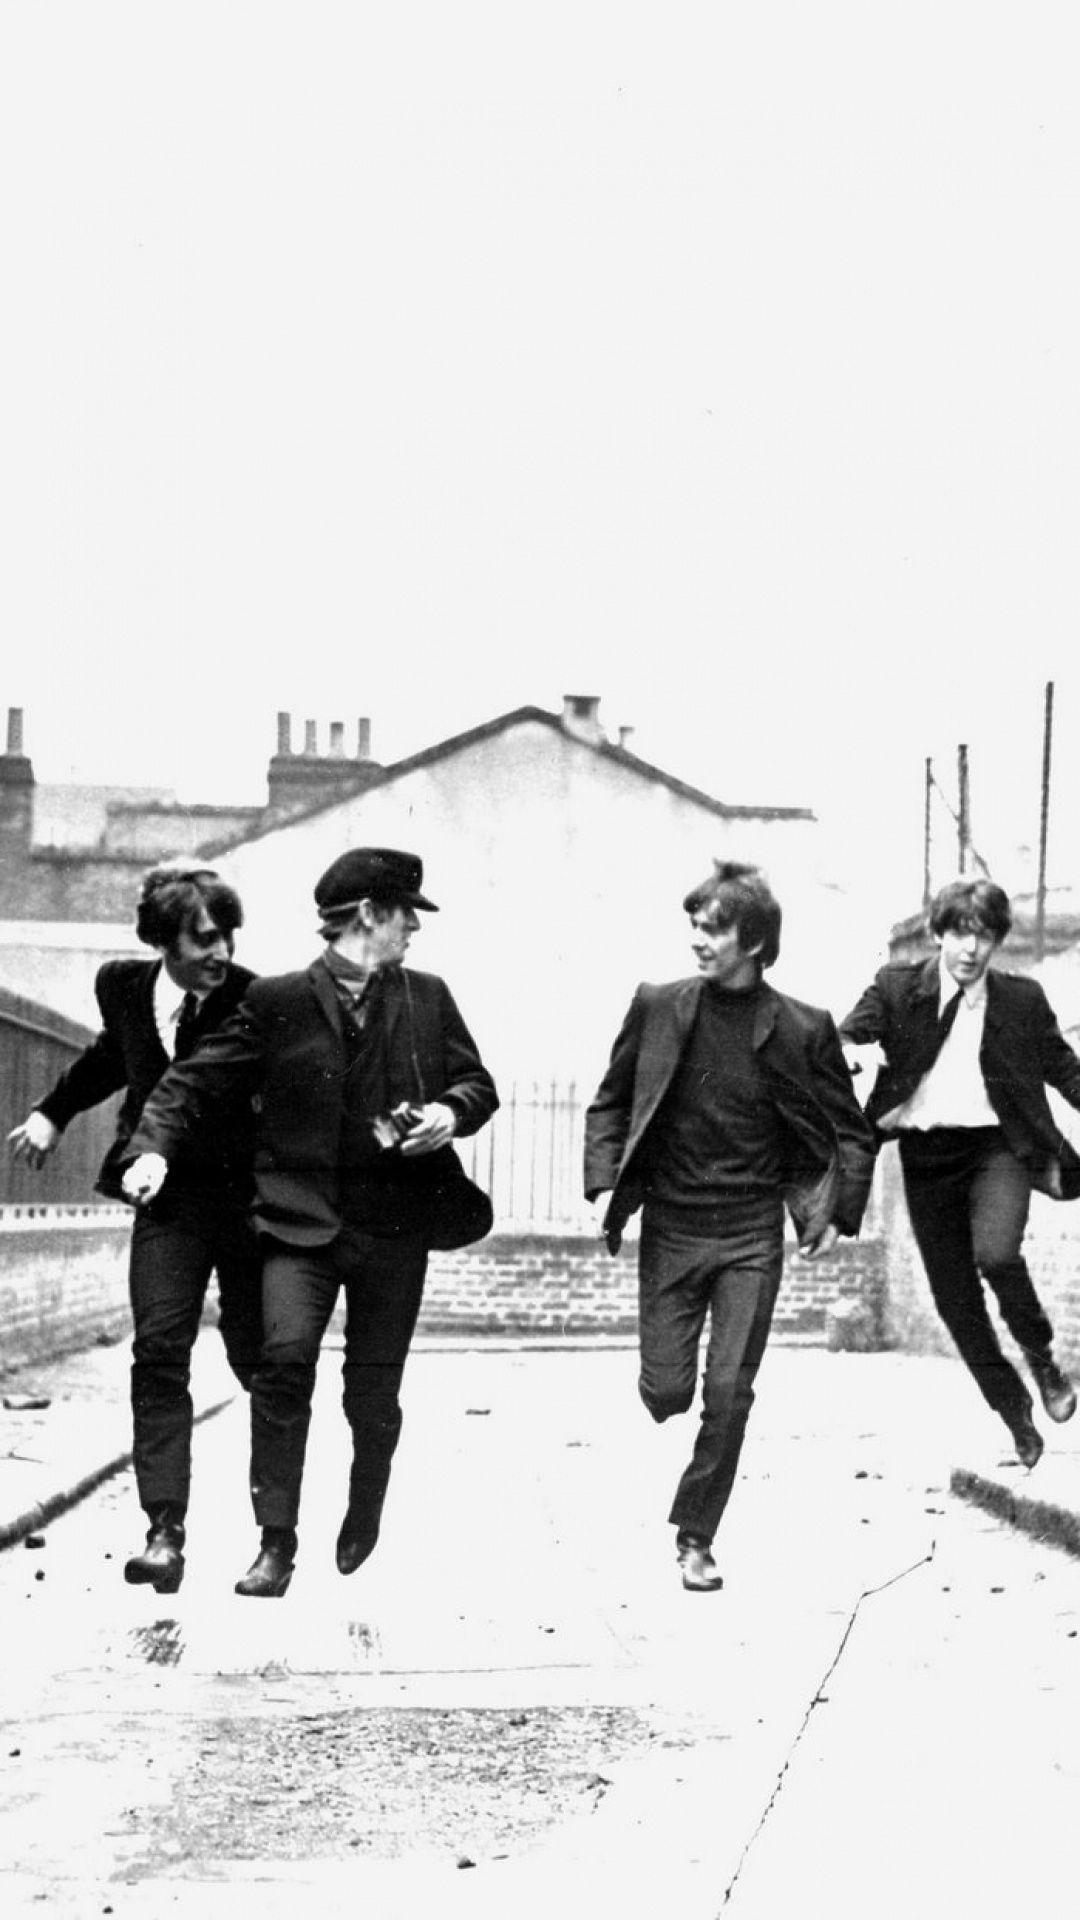 R G Y Beatles Wallpaper Beatles Wallpaper Iphone The Beatles